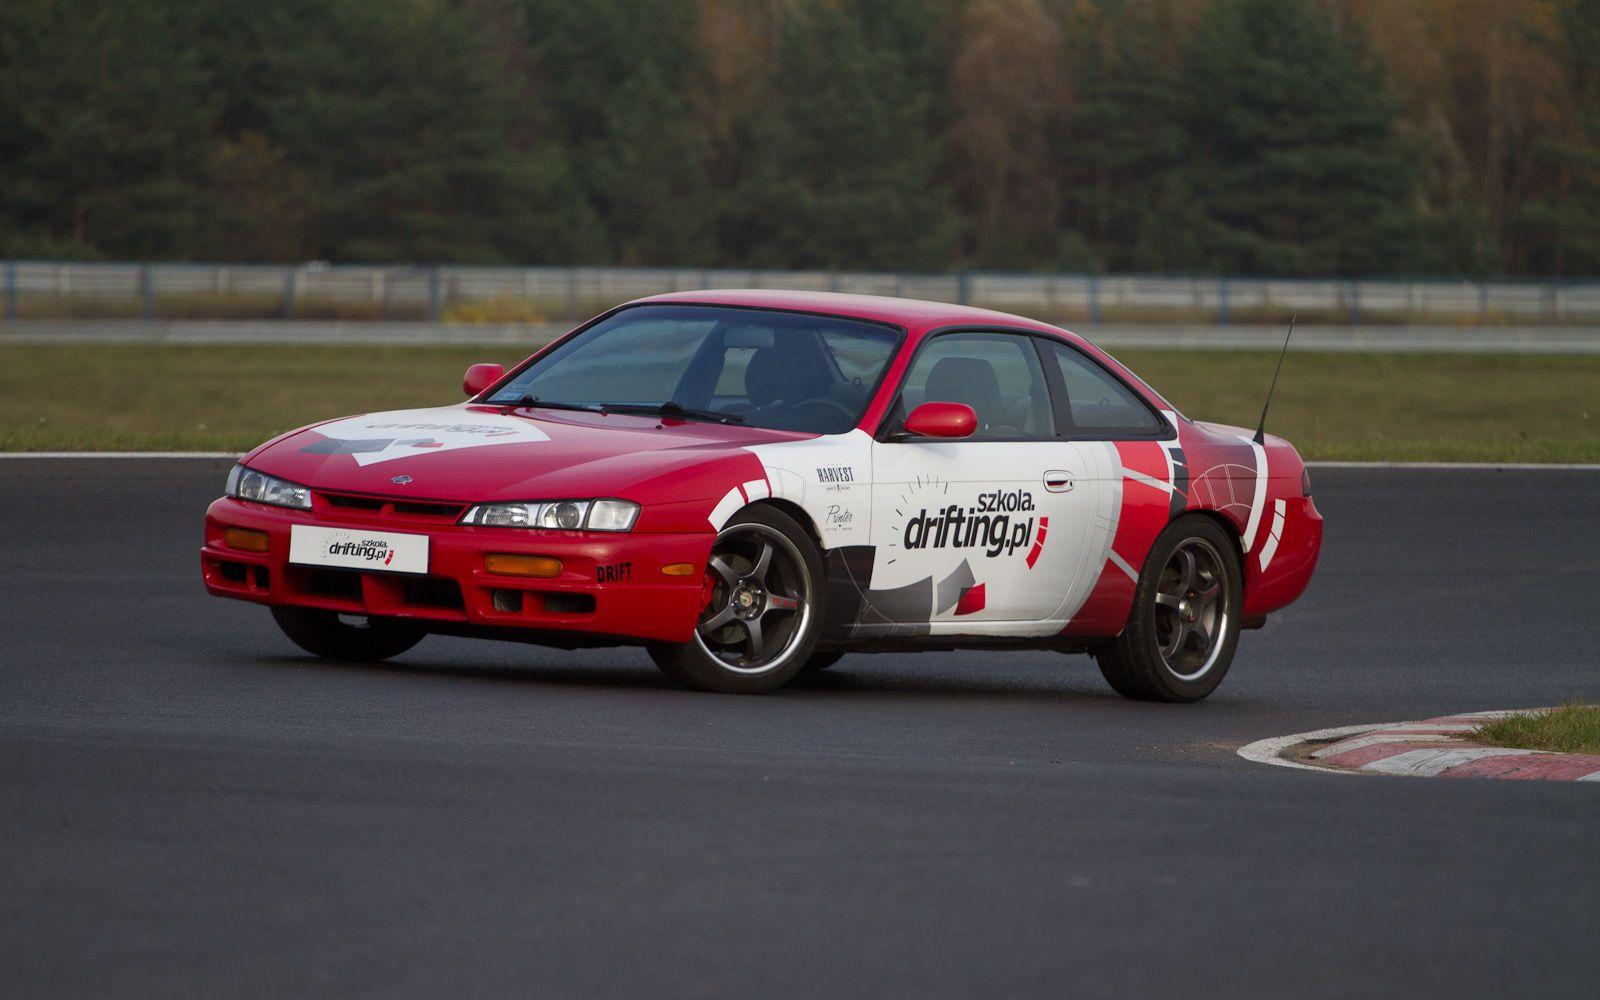 Szkoleniowy Nissan S14a fot.: Adam Zandecki